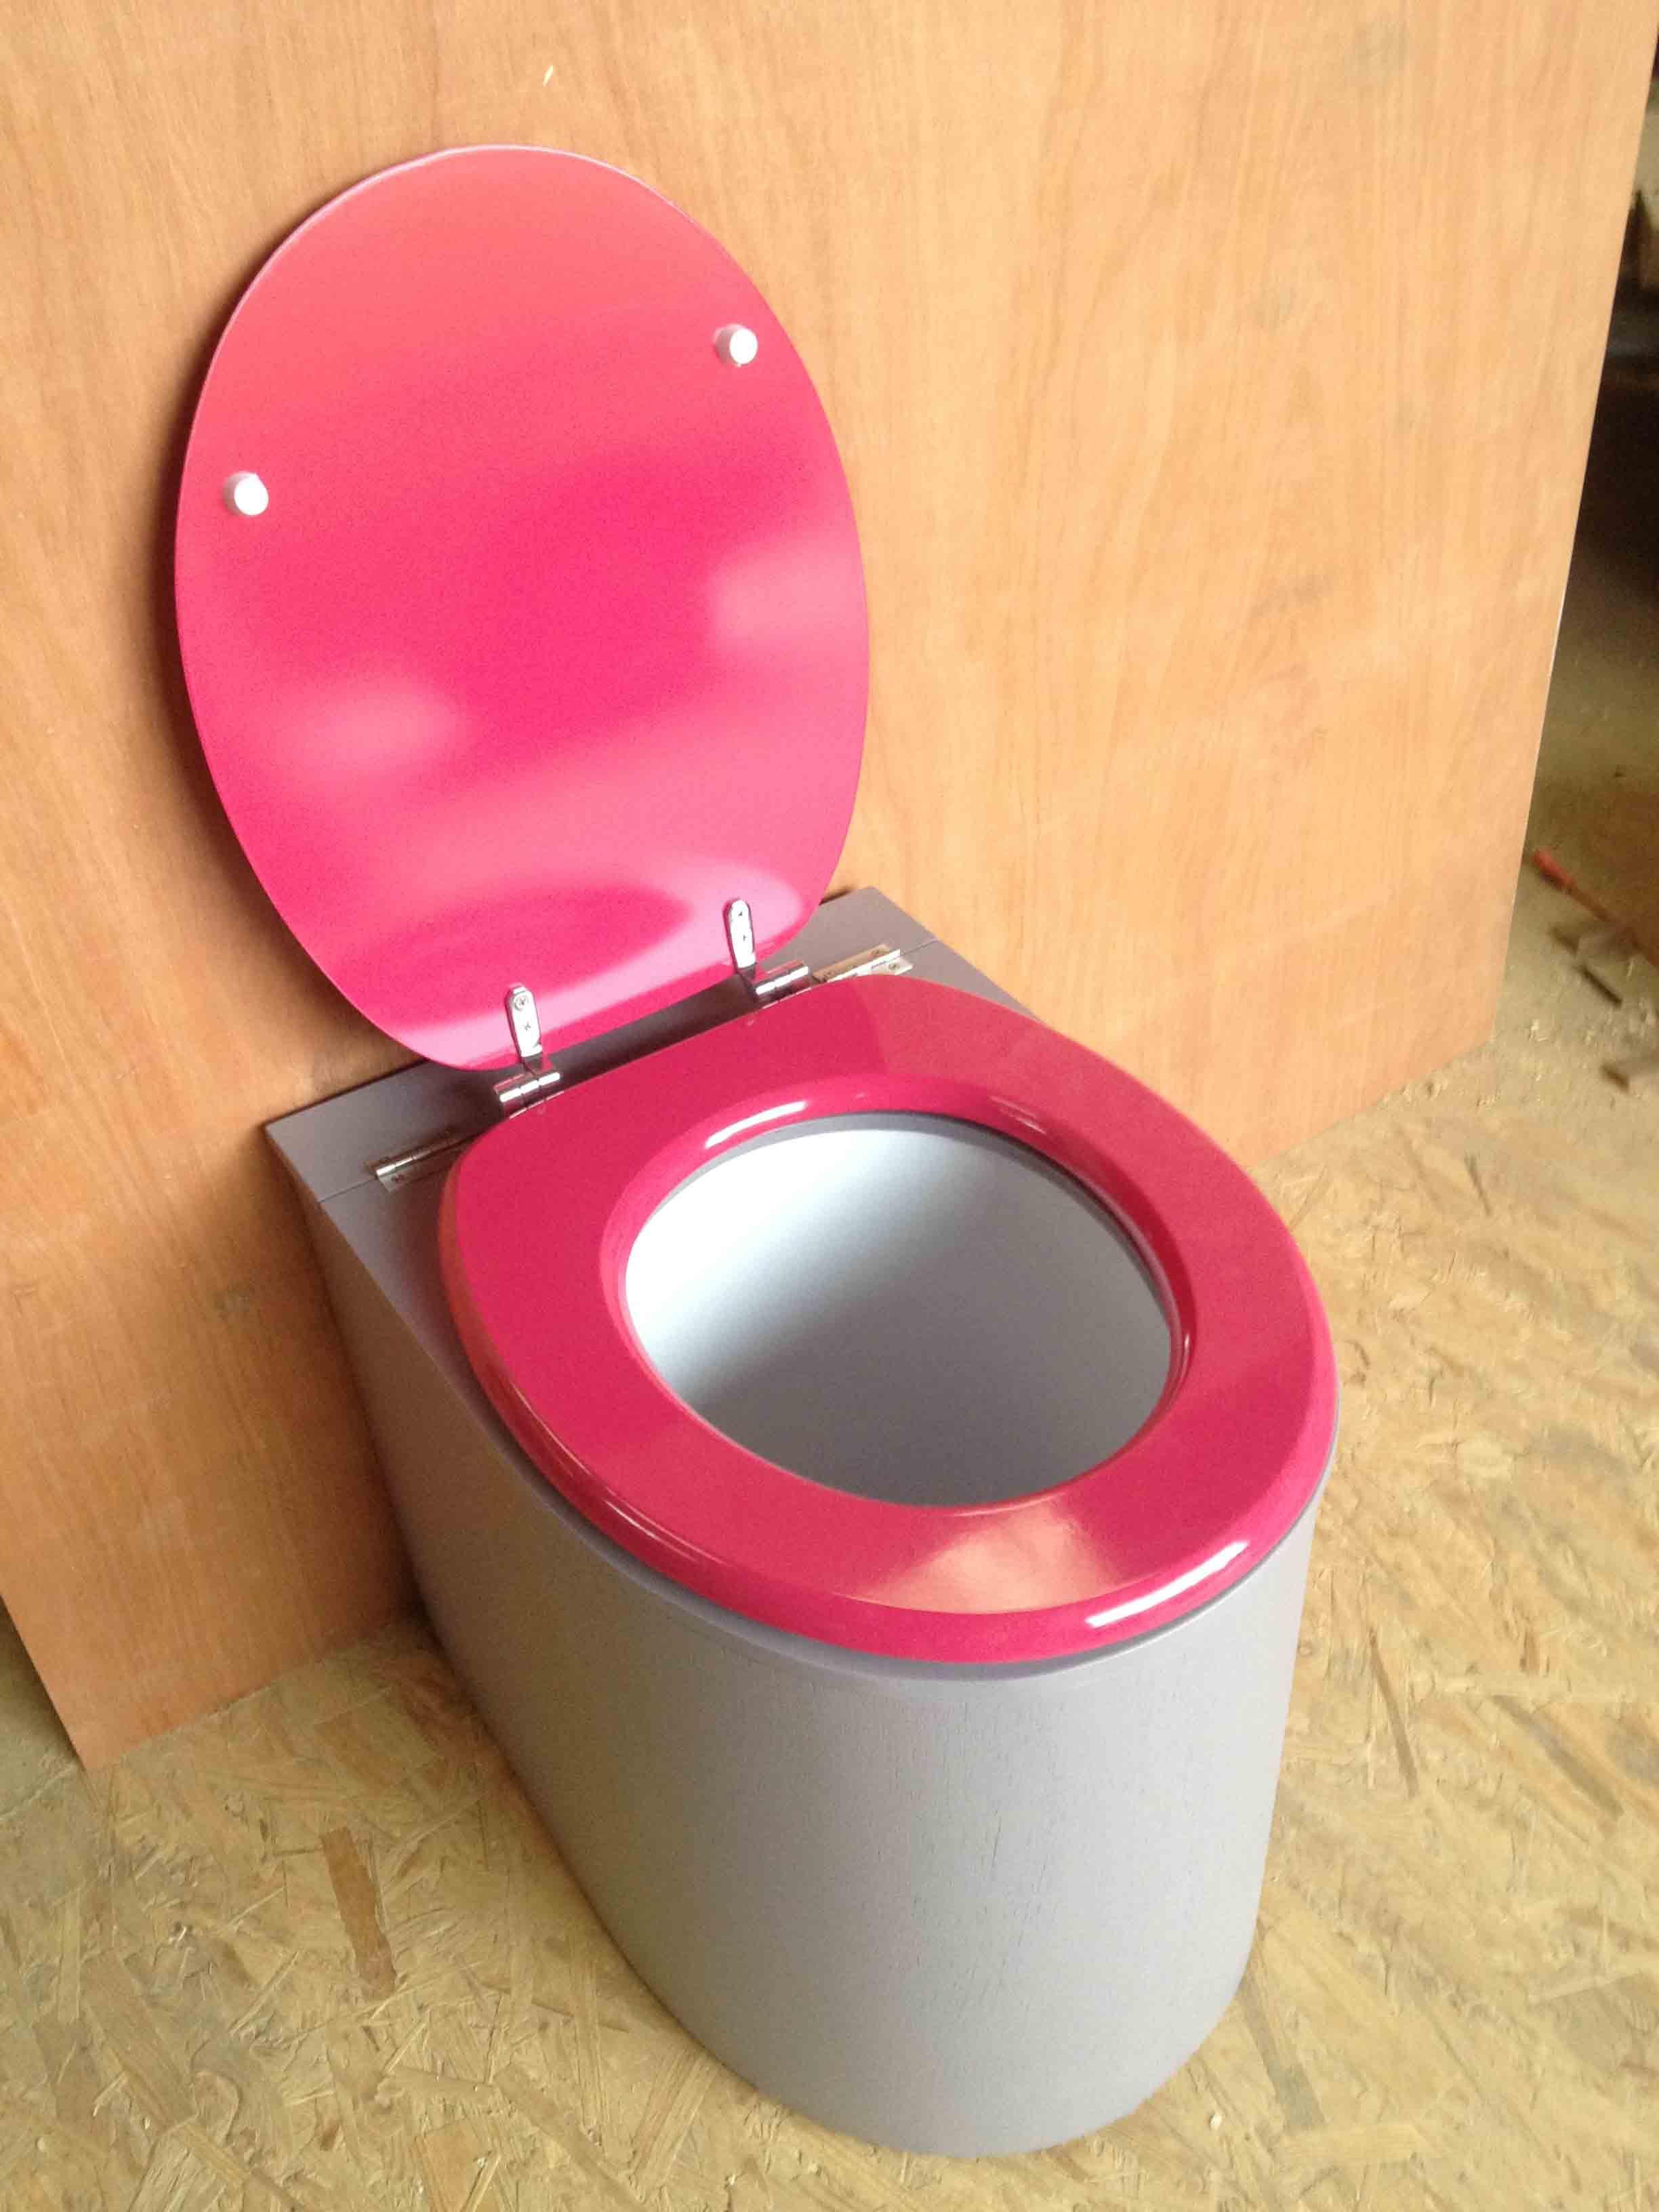 Toilette-Seche-Appartement-Gris – Fabulous Toilettes à Toilette Seche Reglementation